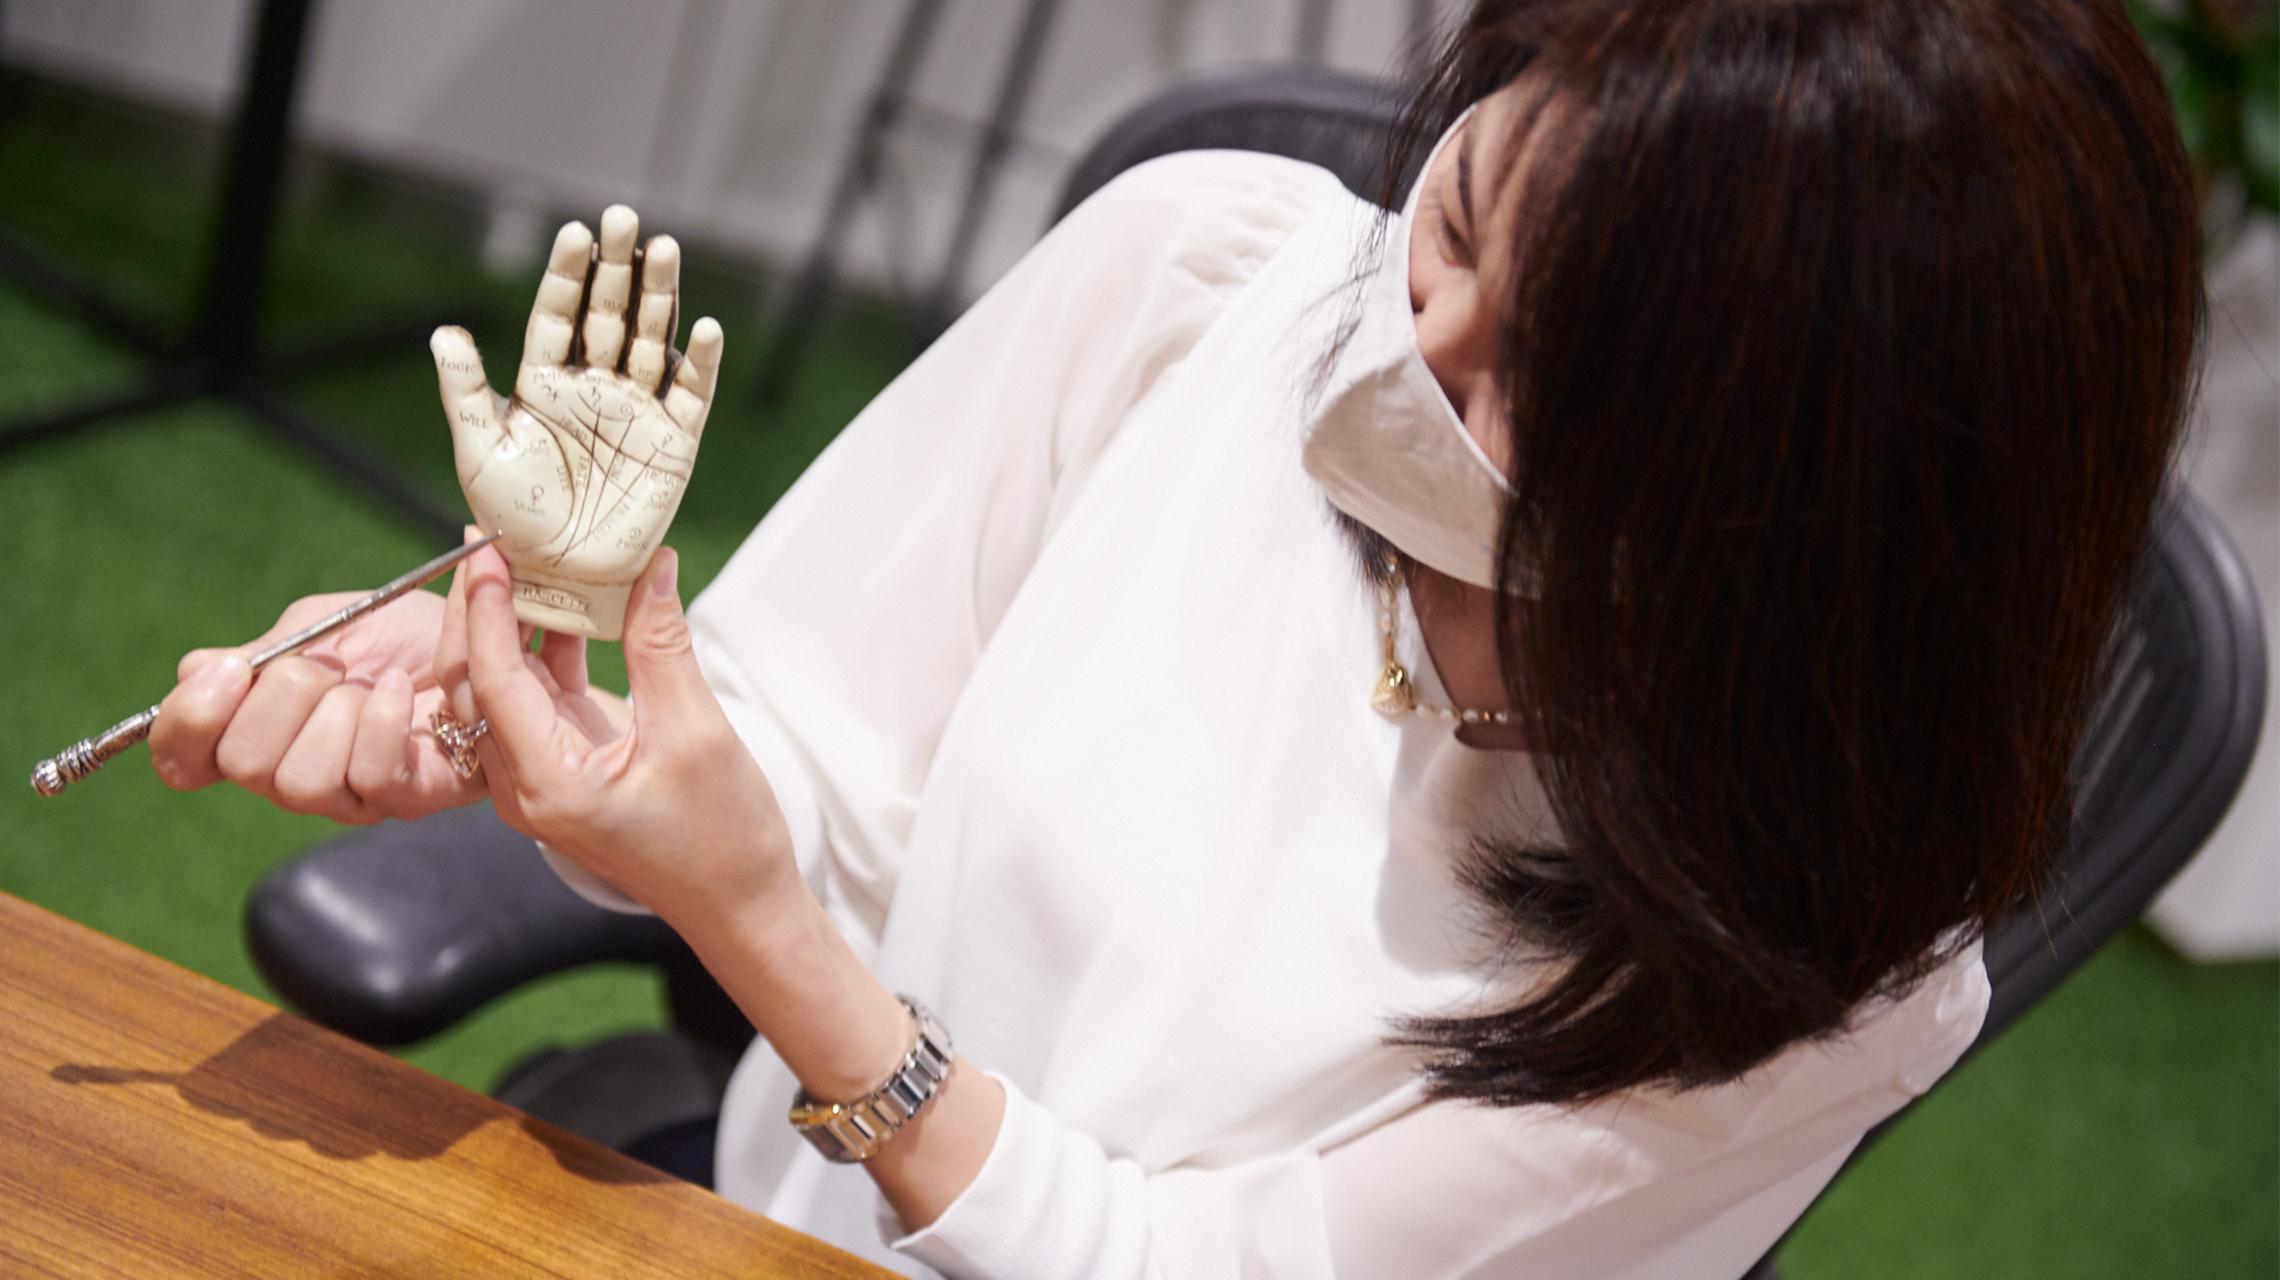 手相は心と身体のバロメーター。毎日の手相チェックでポジティブ思考に変わる